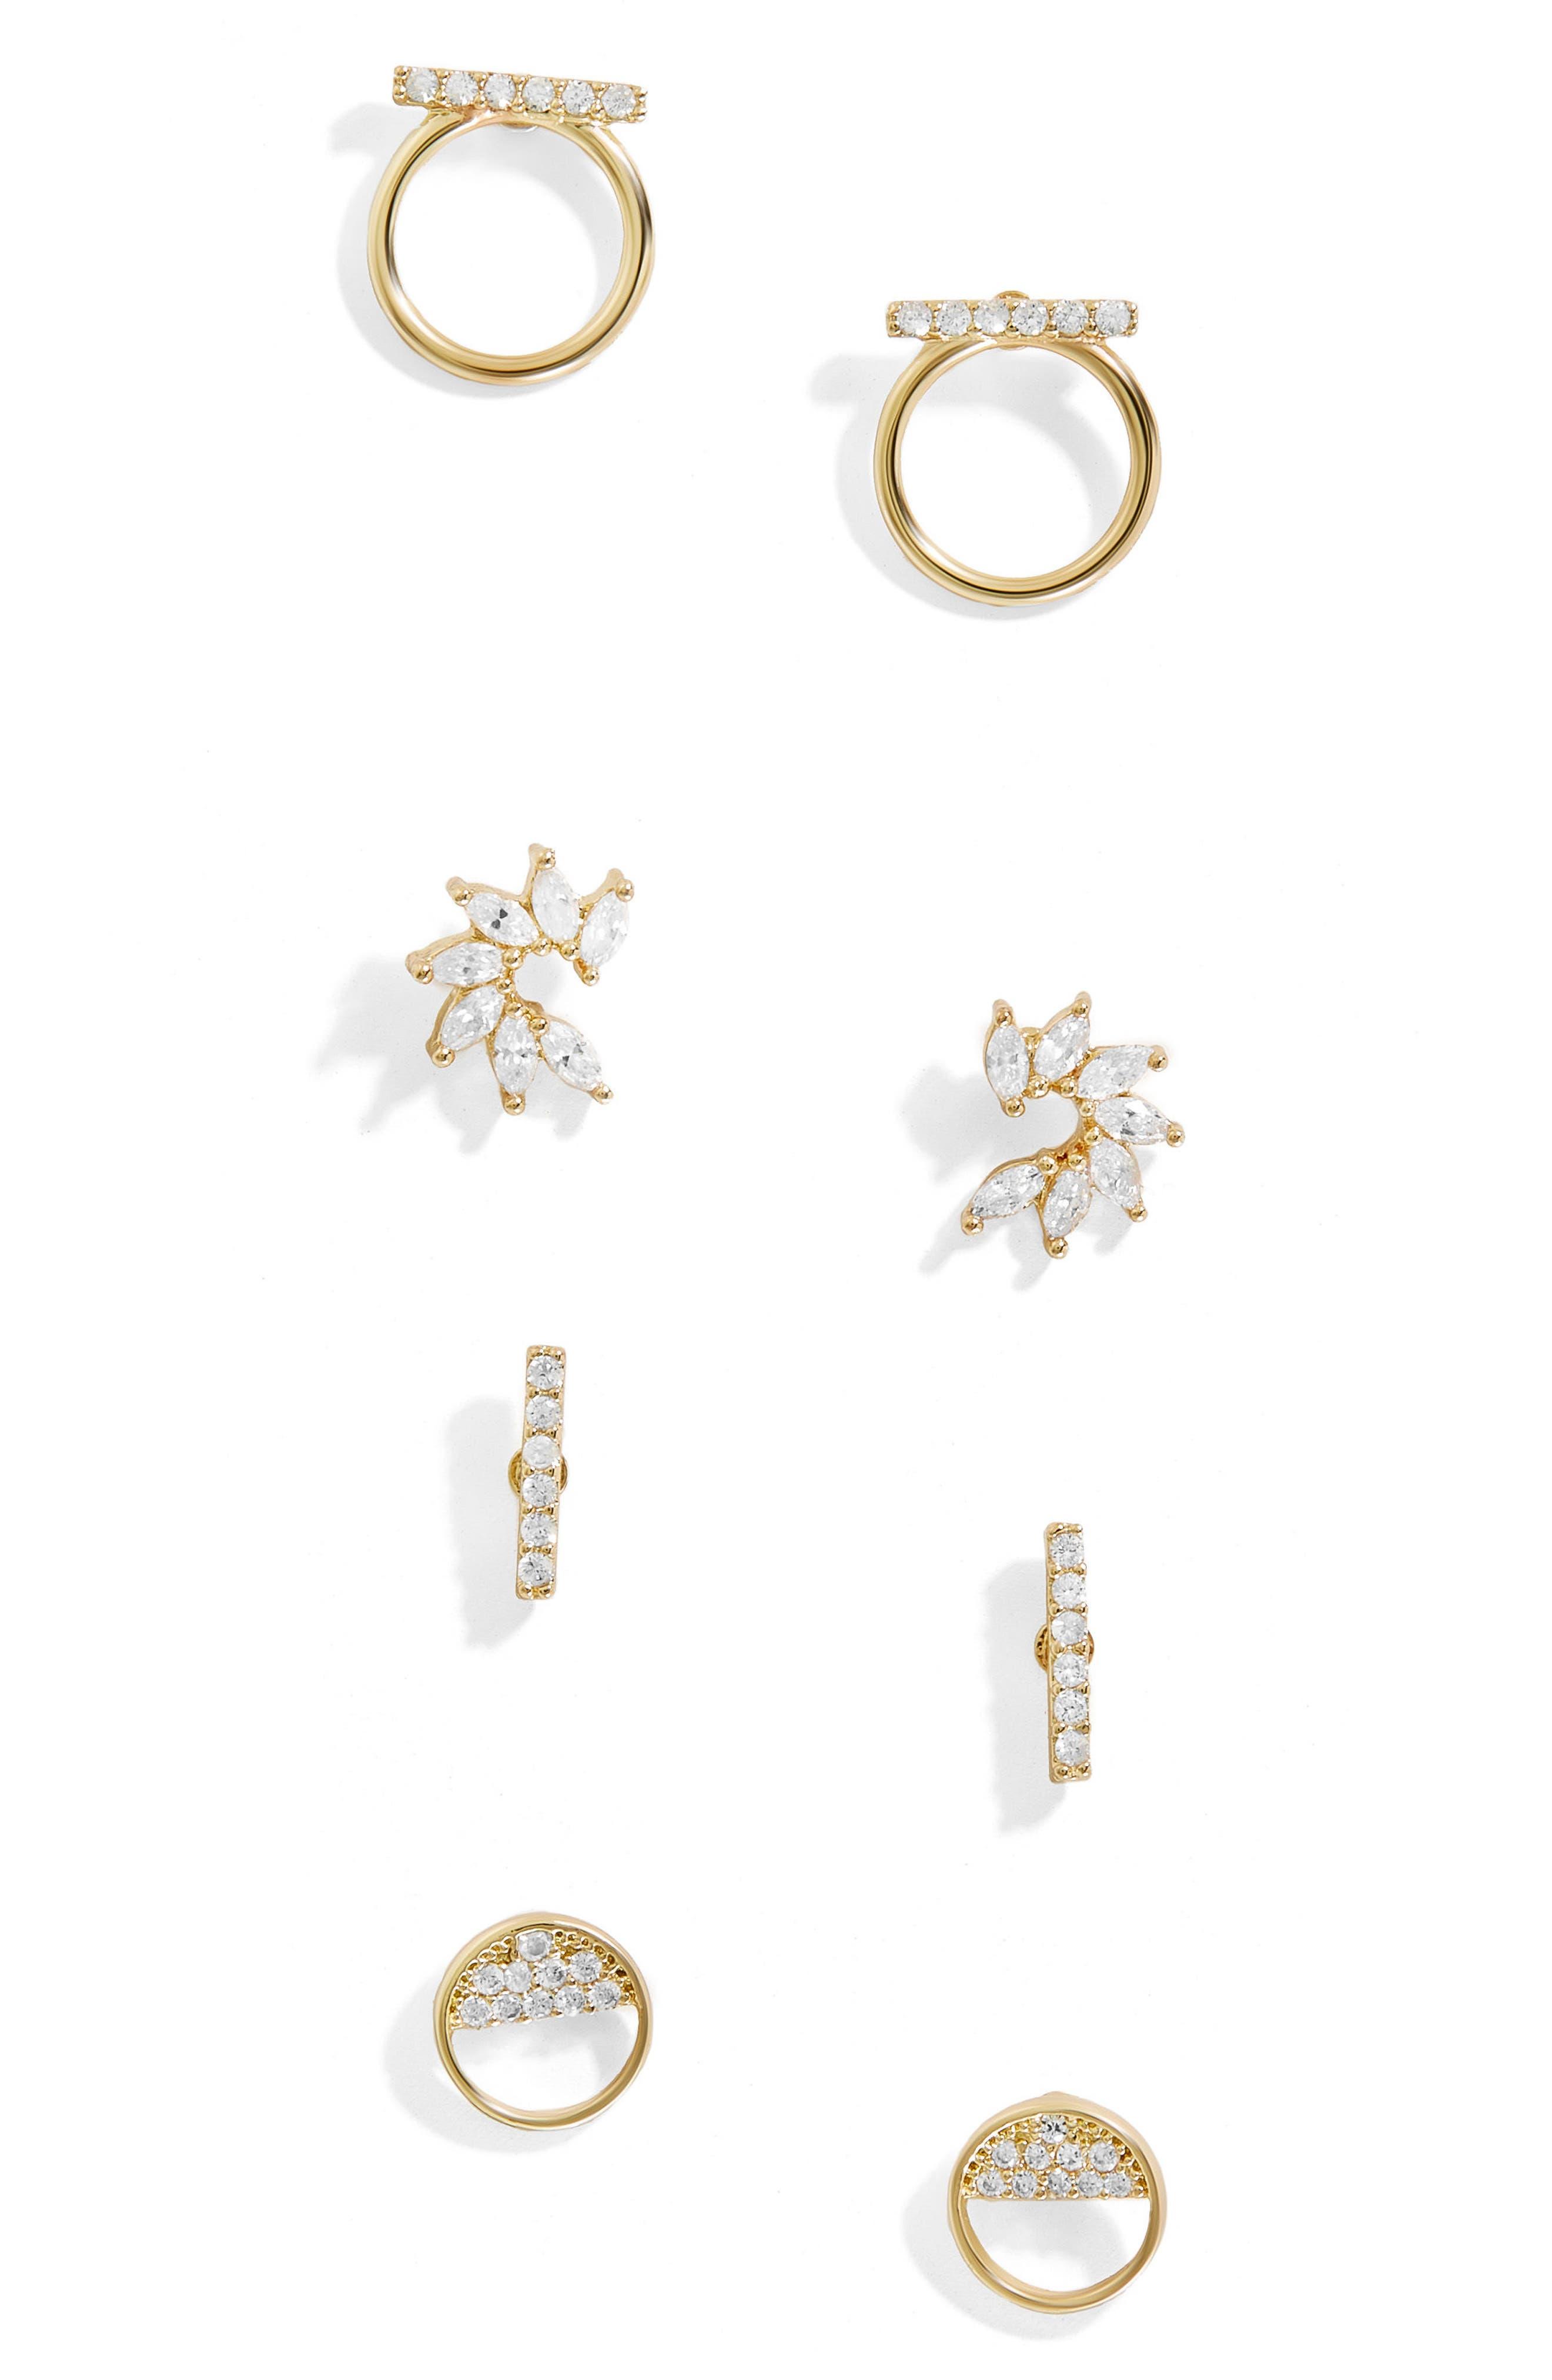 BaubleBar Delicate Set of 4 Stud Earrings